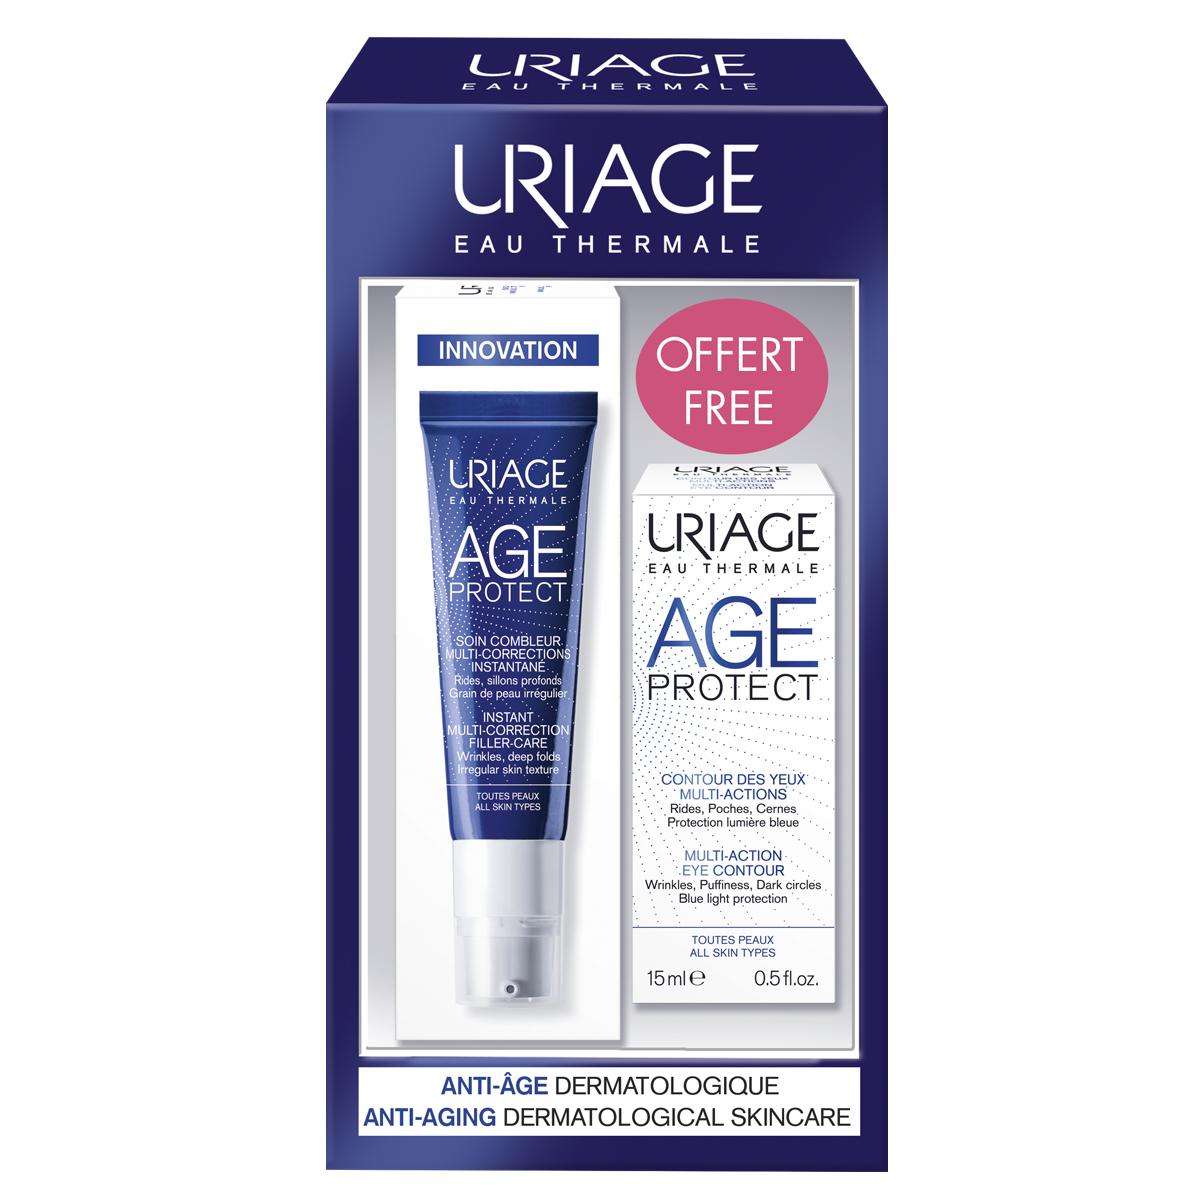 Купить Uriage Набор: филлер мгновенного действия для коррекции морщин 30 мл + крем для кожи контура глаз 15 мл (Uriage, Age Protect), Франция